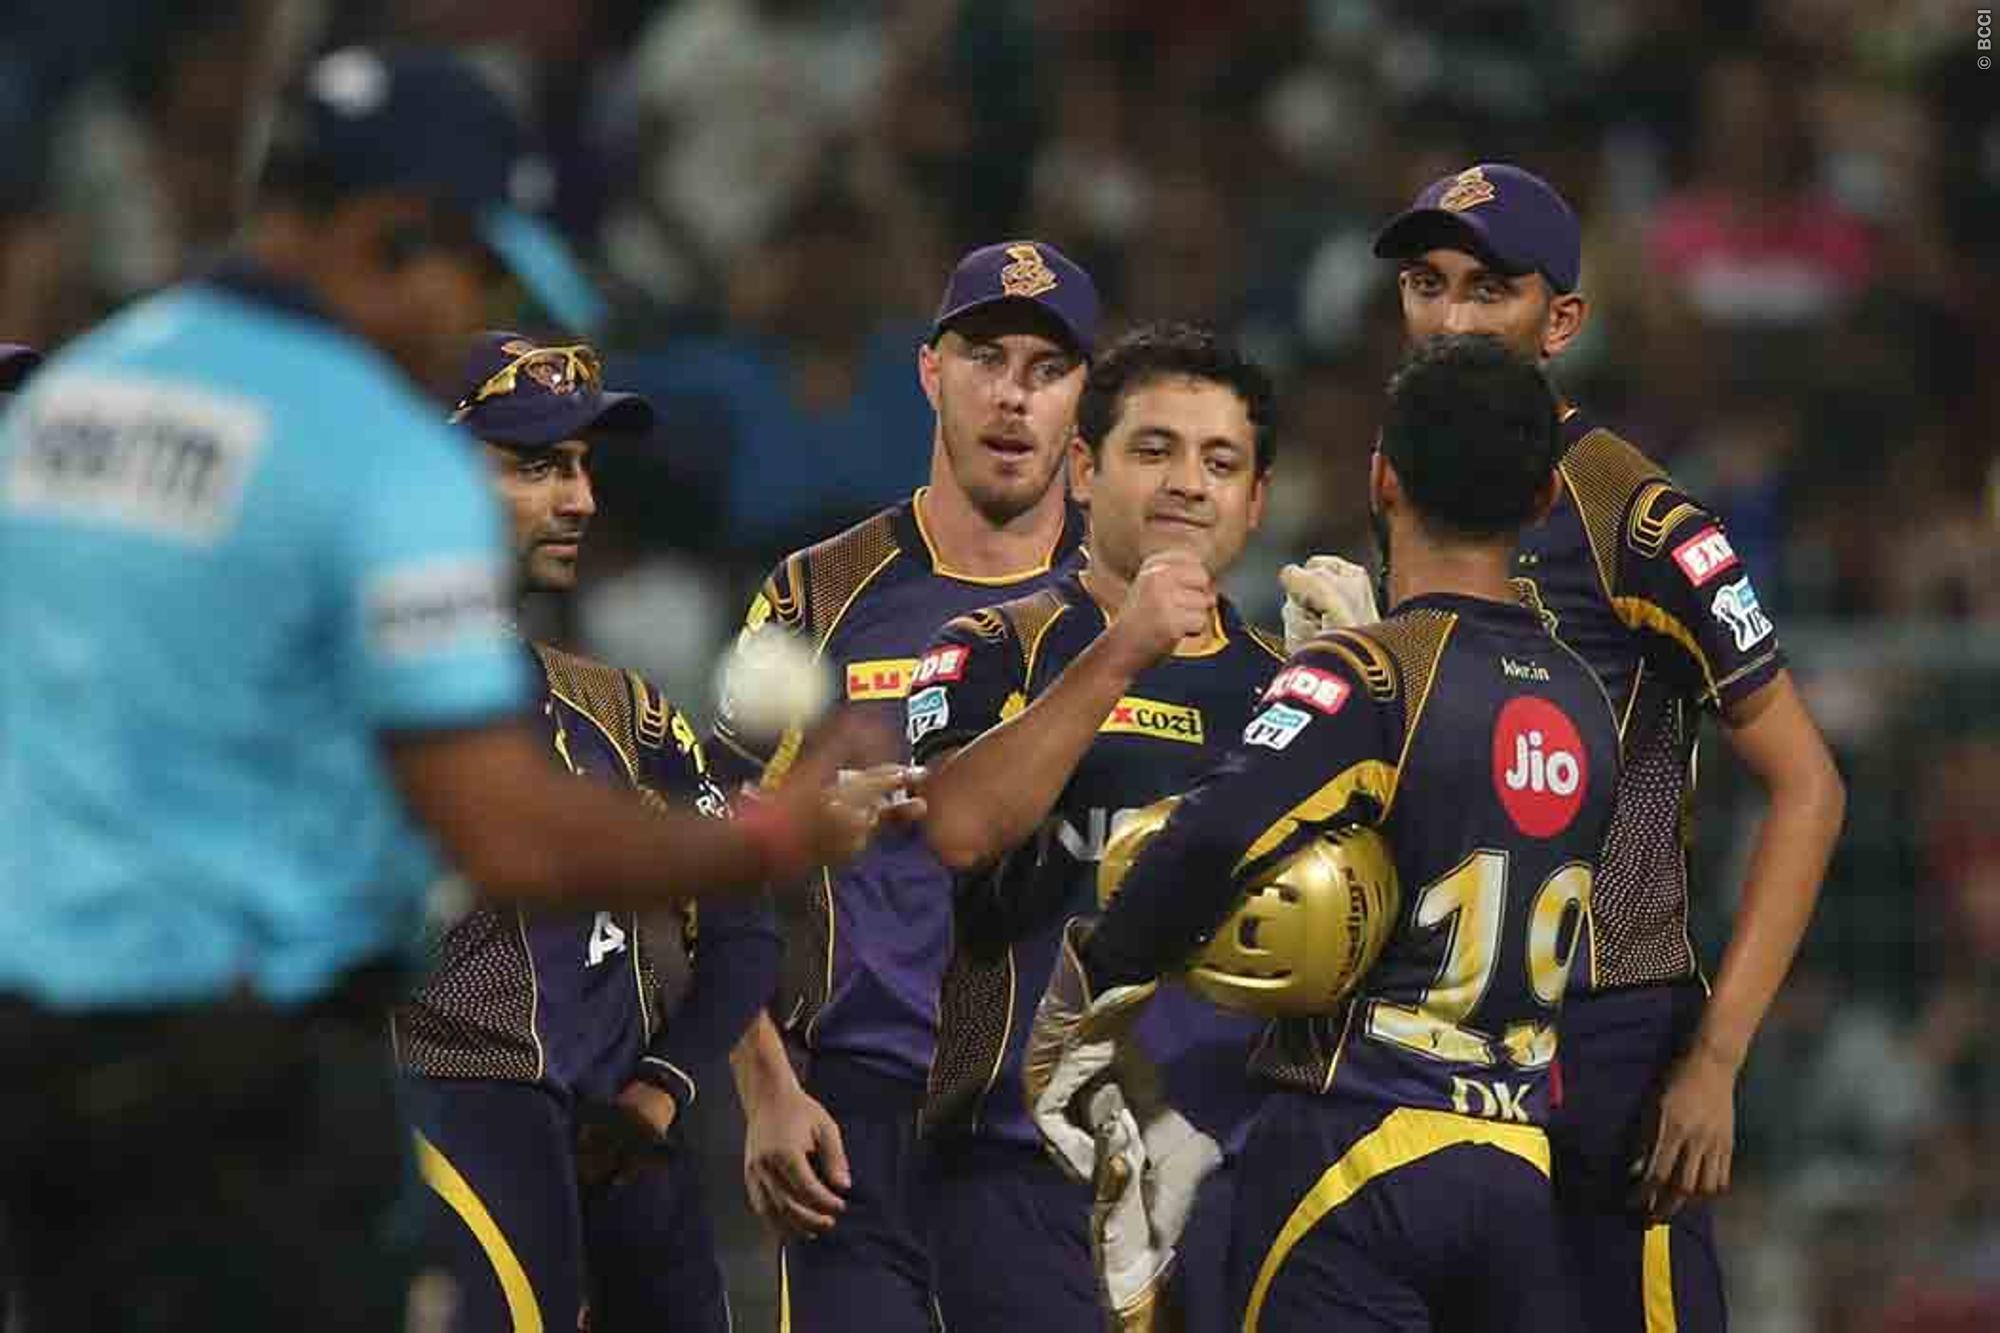 राजस्थान की हार के बाद लोगो ने रहाणे पर उतारा अपना गुस्सा, वही सर जडेजा ने रहाणे की धीमी बल्लेबाज़ी का उड़ाया मजाक